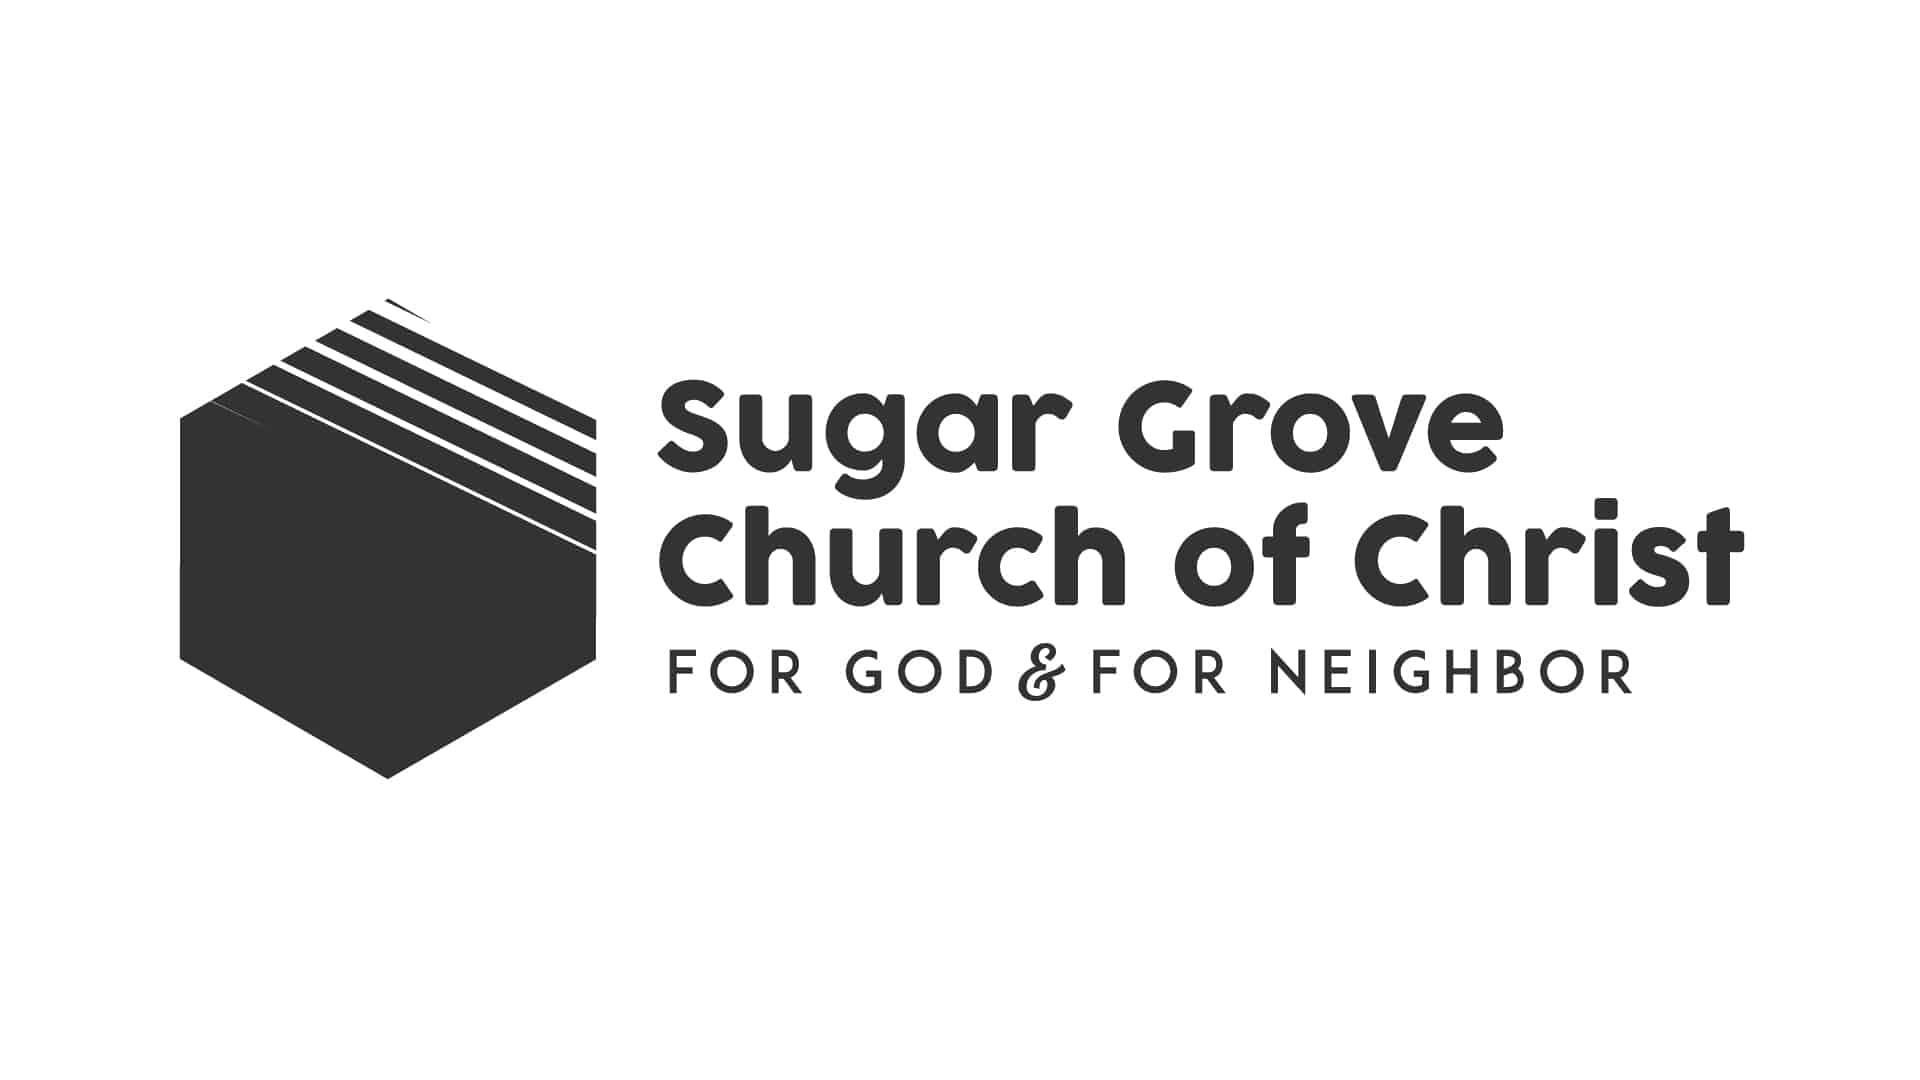 Sugar Grove Church of Christ